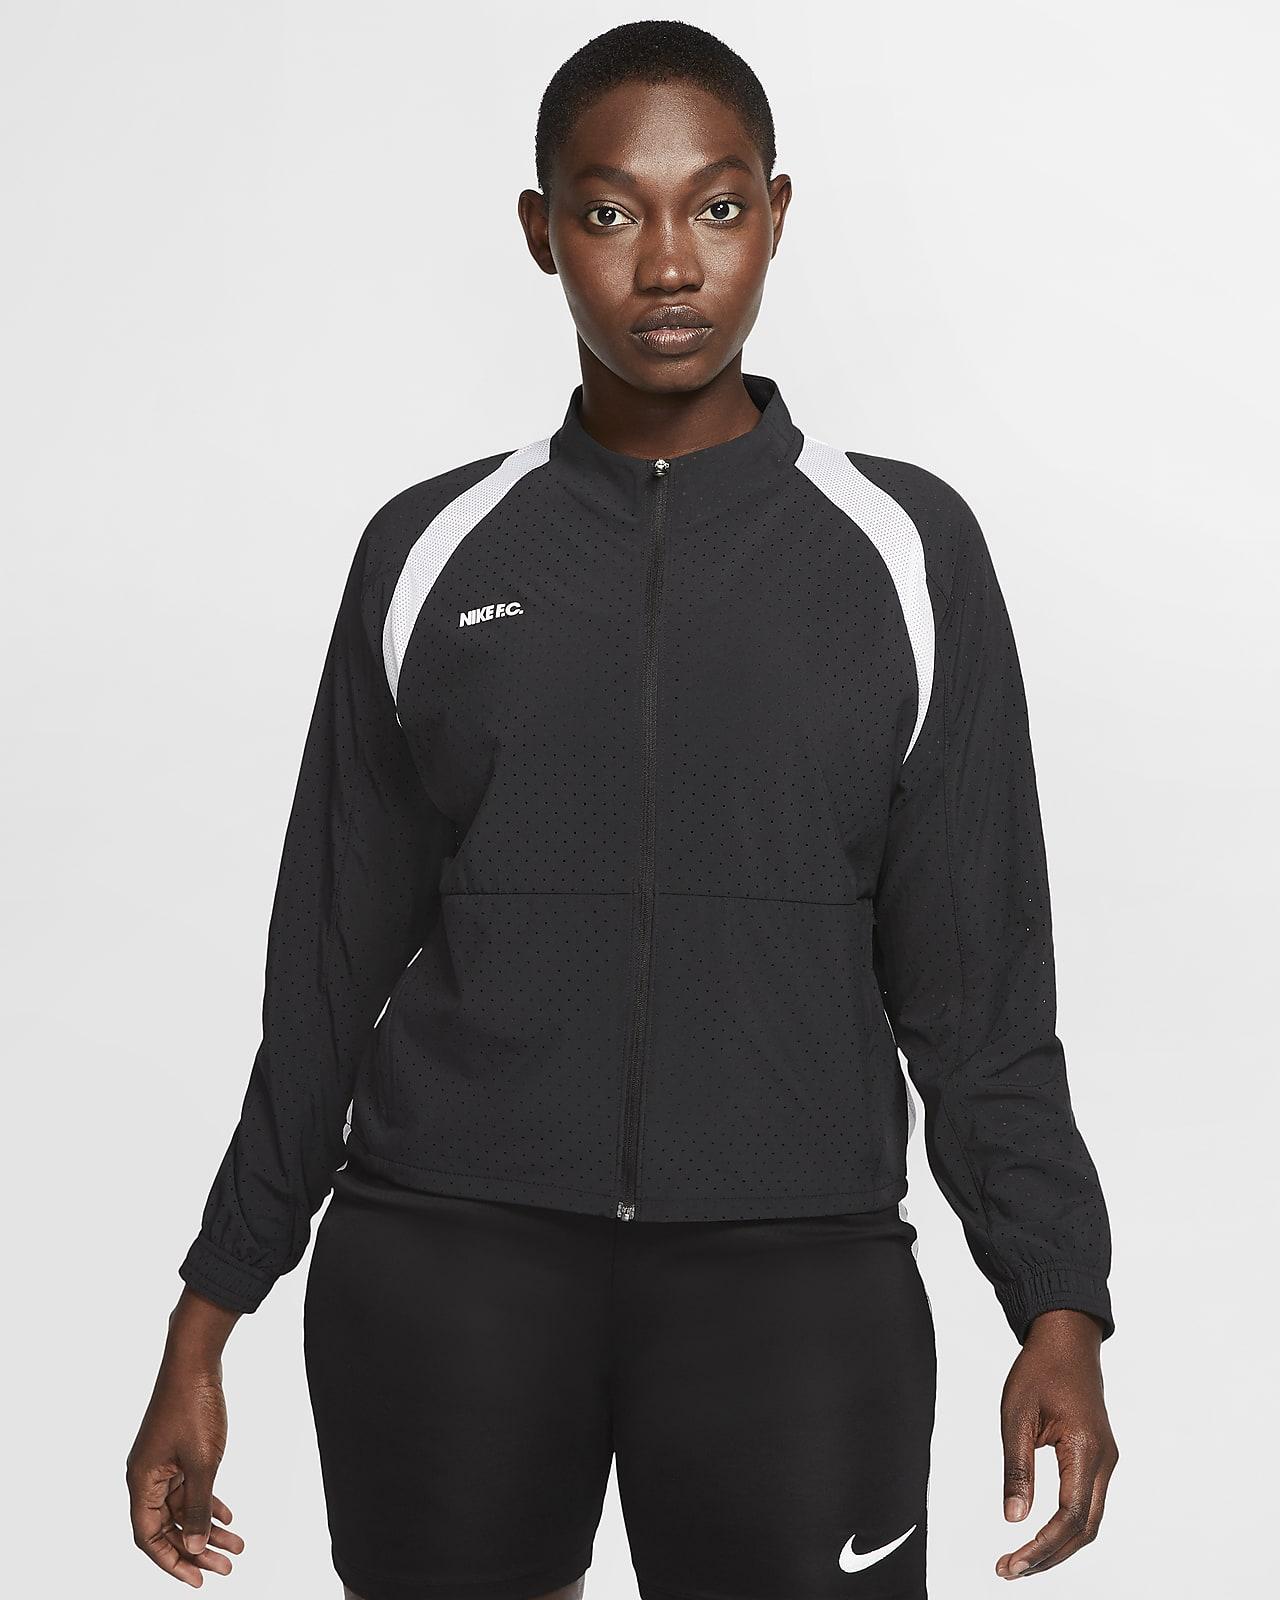 Dámská fotbalová bunda Nike F.C. se zipem po celé délce